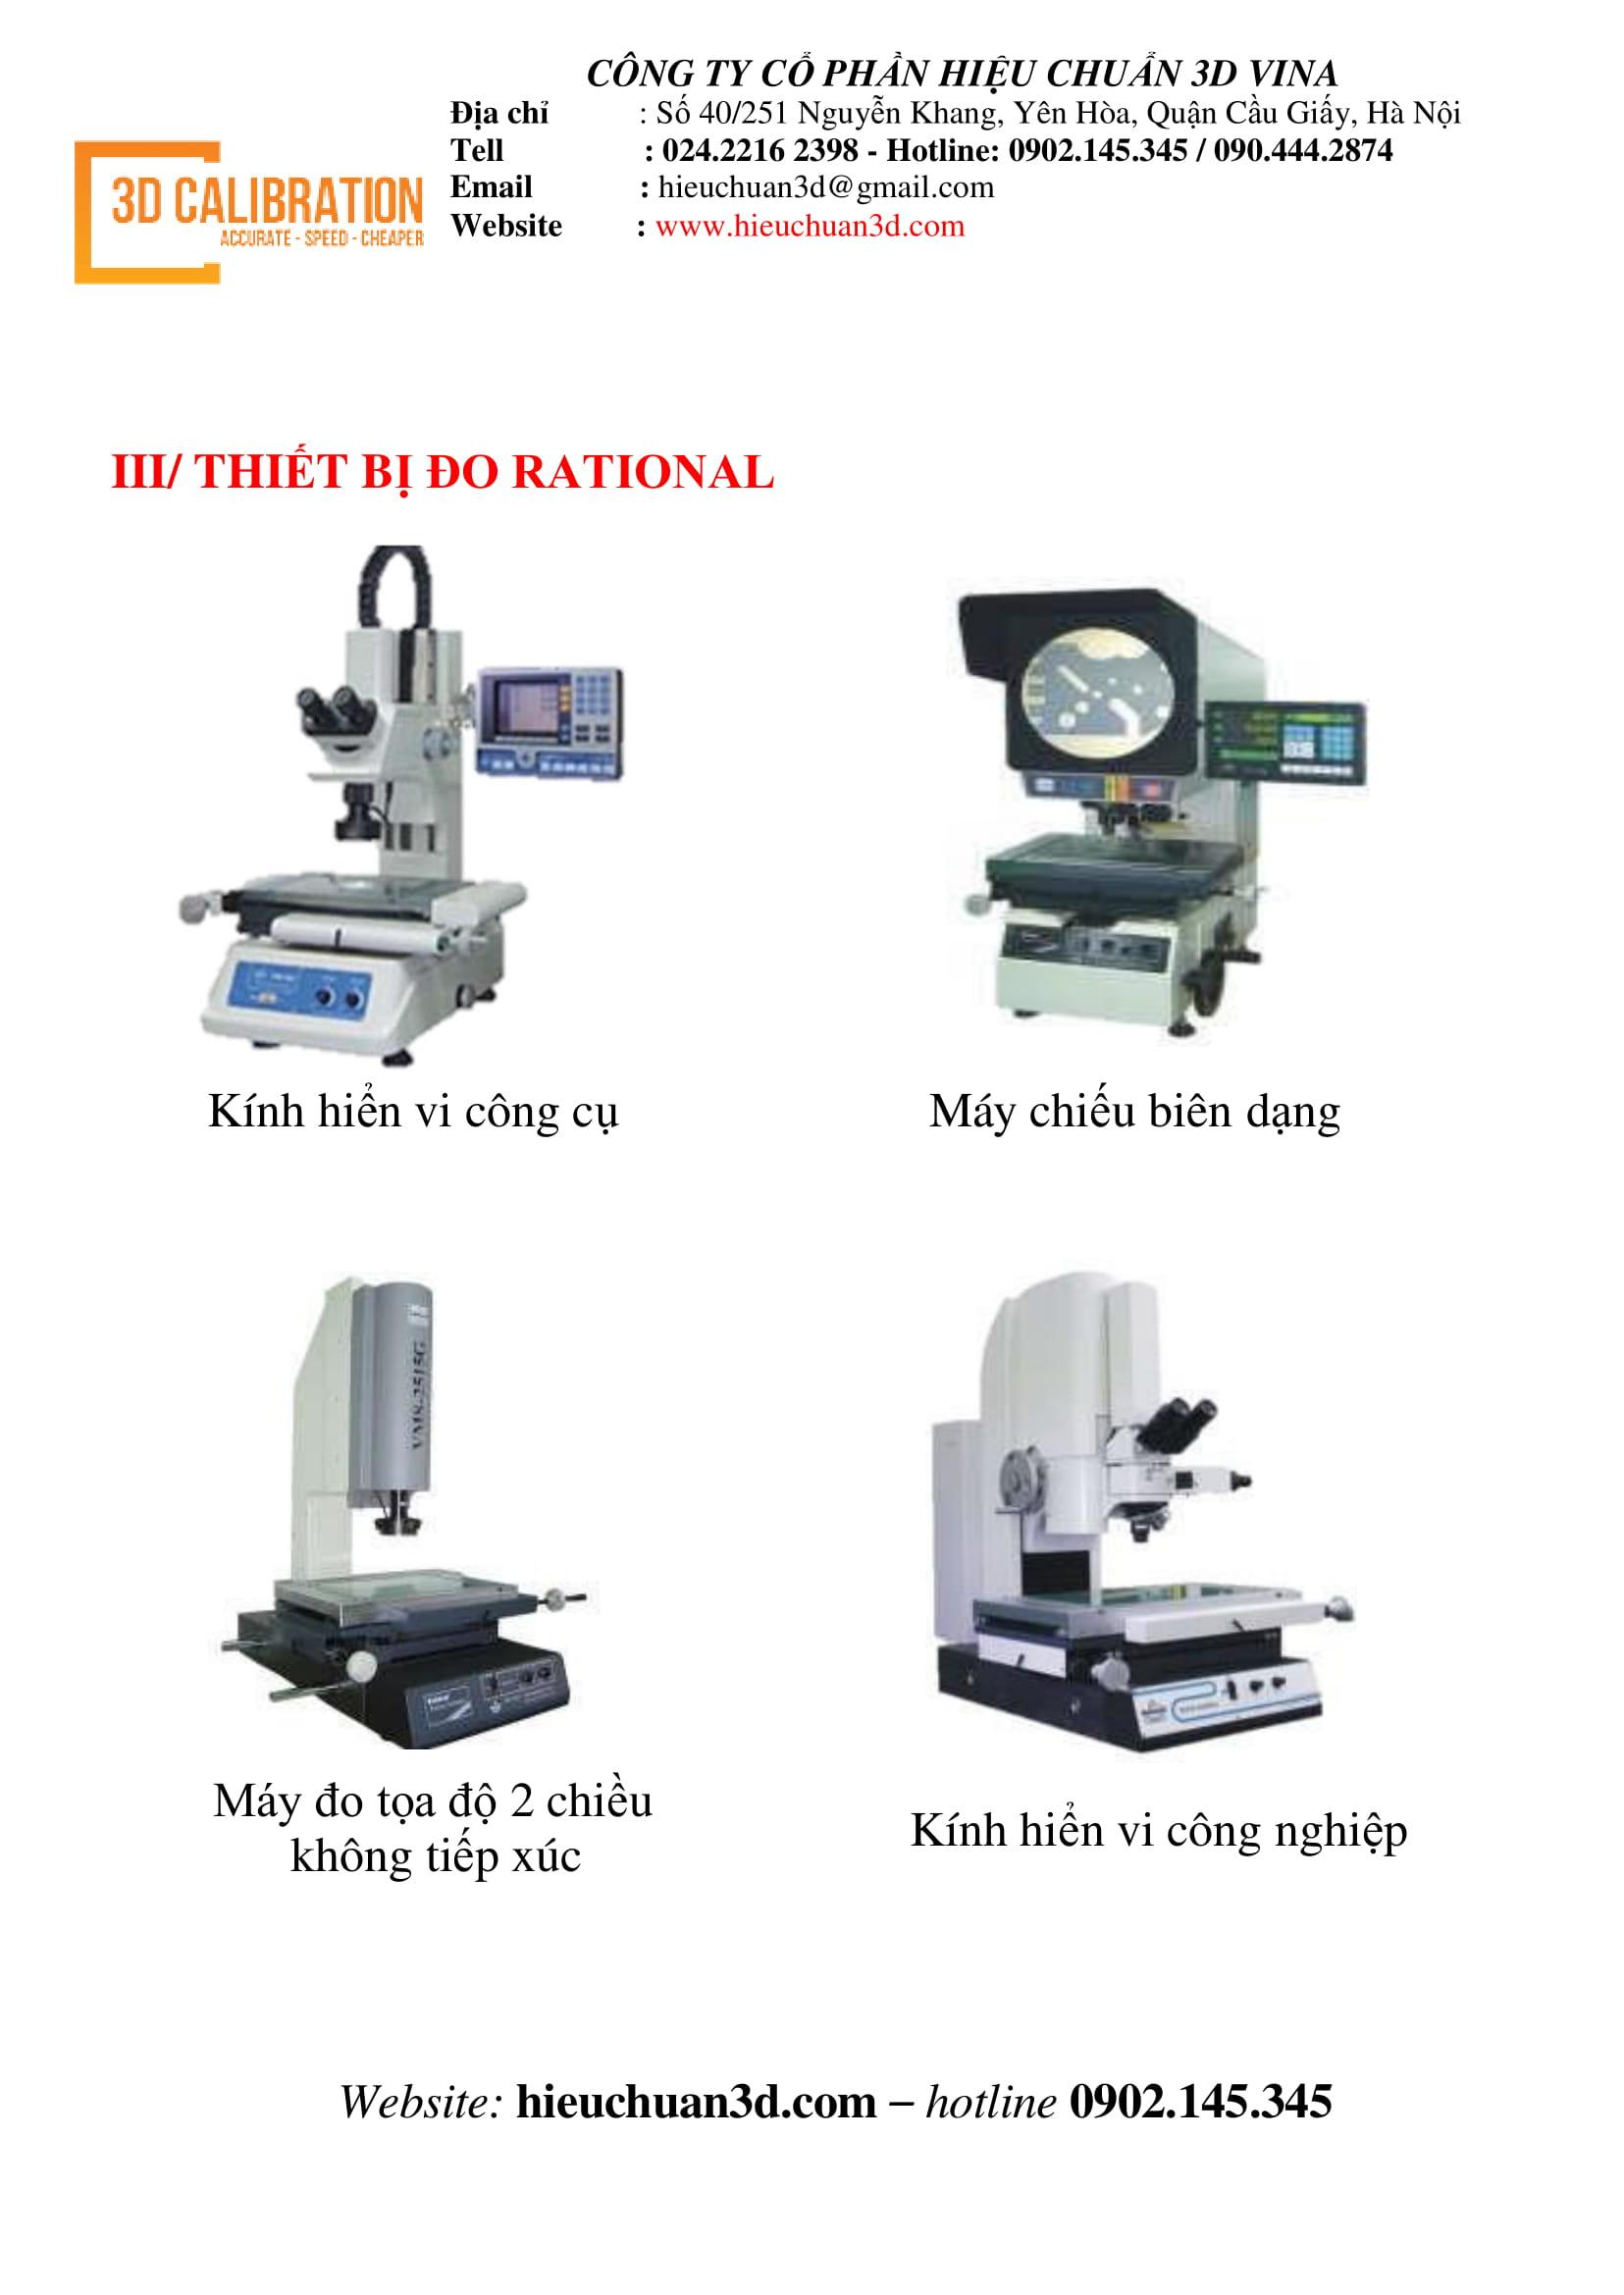 3D Vina – Trung tâm bảo hành, sửa chữa, hiệu chuẩn cho máy đo Rational